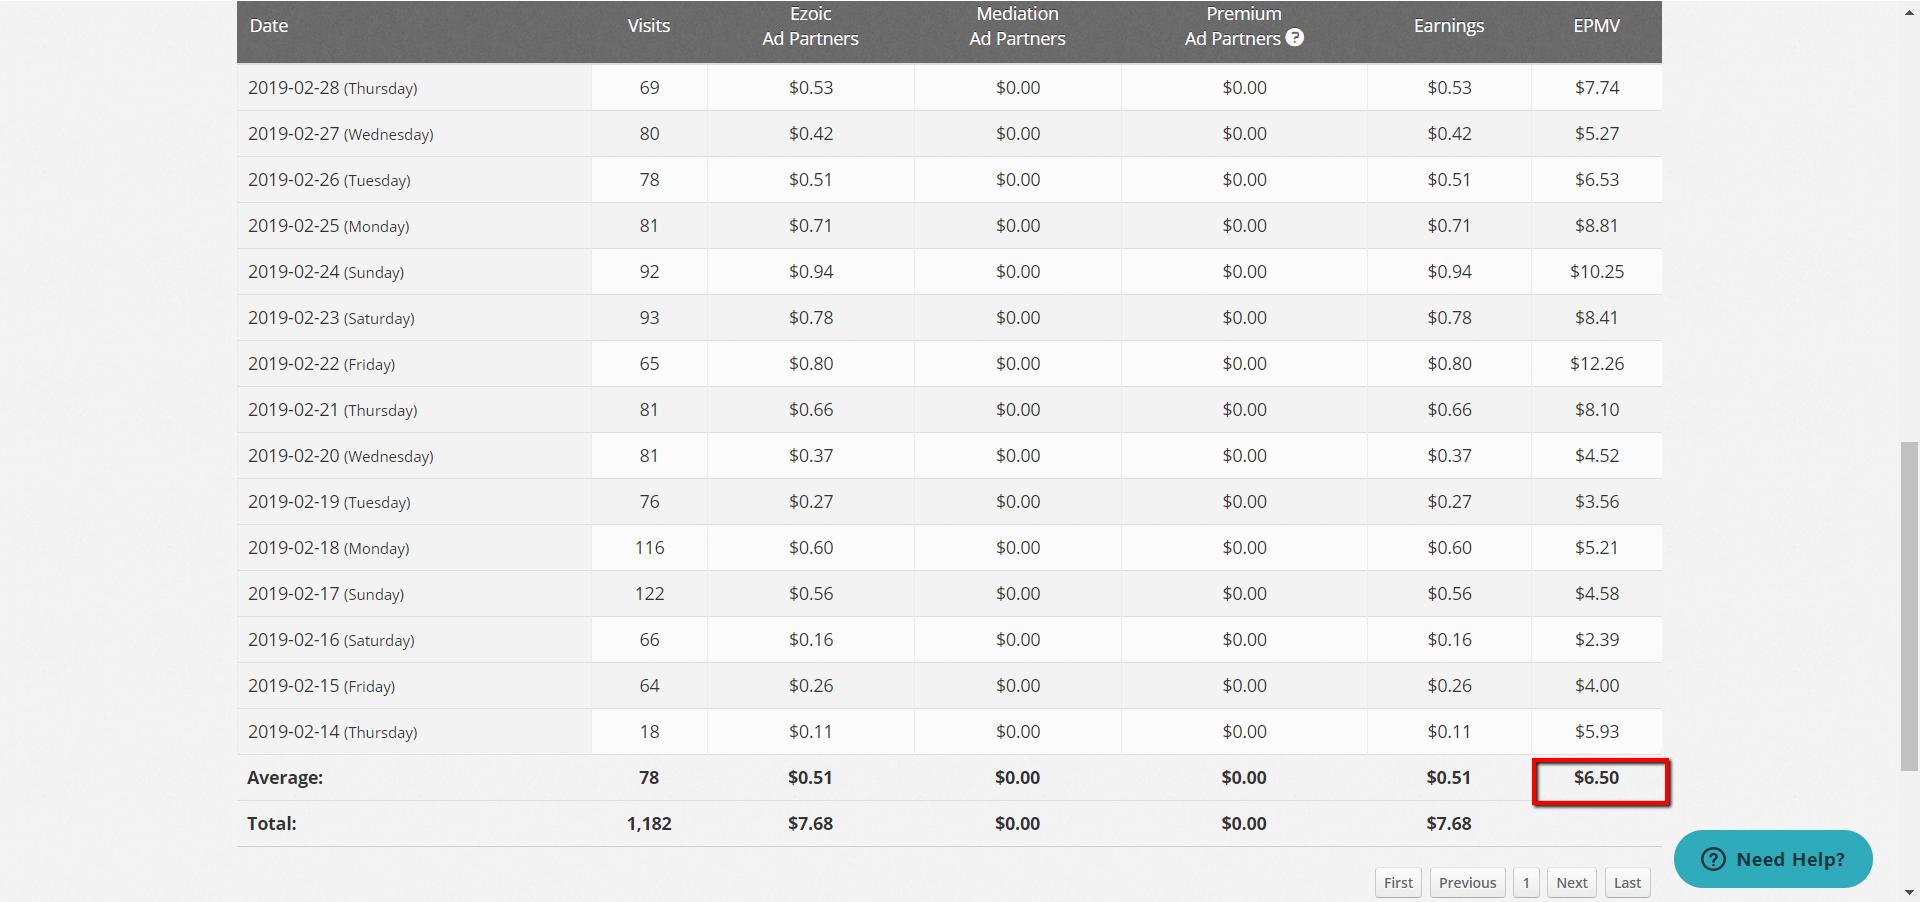 ezoic february earnings